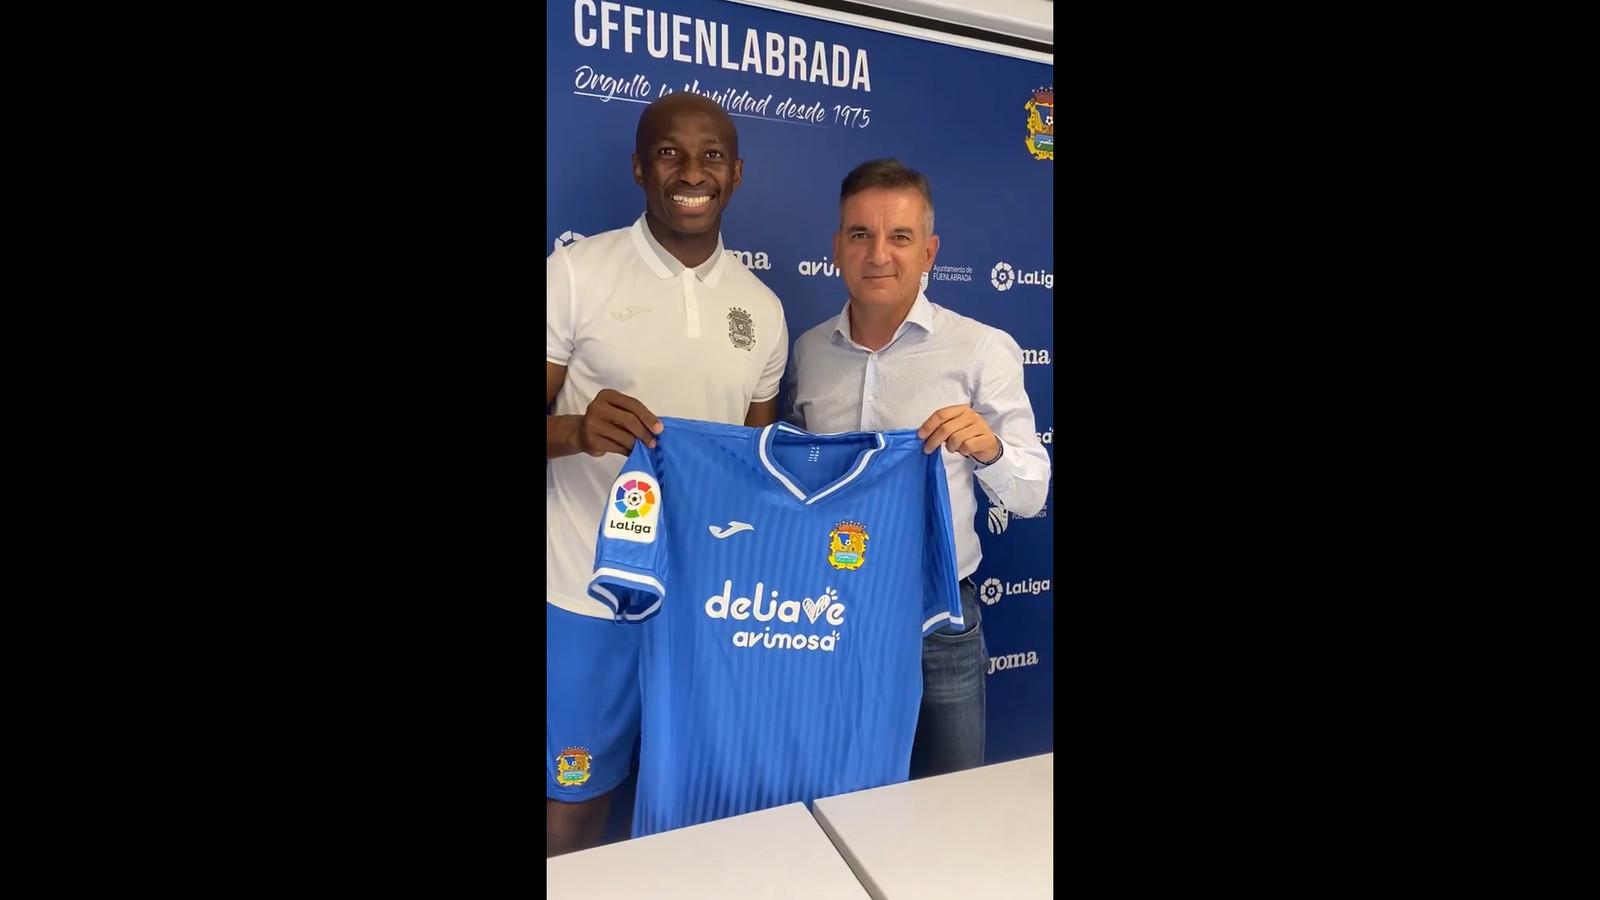 La vidéo Instagram de l'arrivée du joueur Stéphane Mbia dans son  nouveau club madrilène de Fuenlabrada a fait beaucoup rire les internautes.